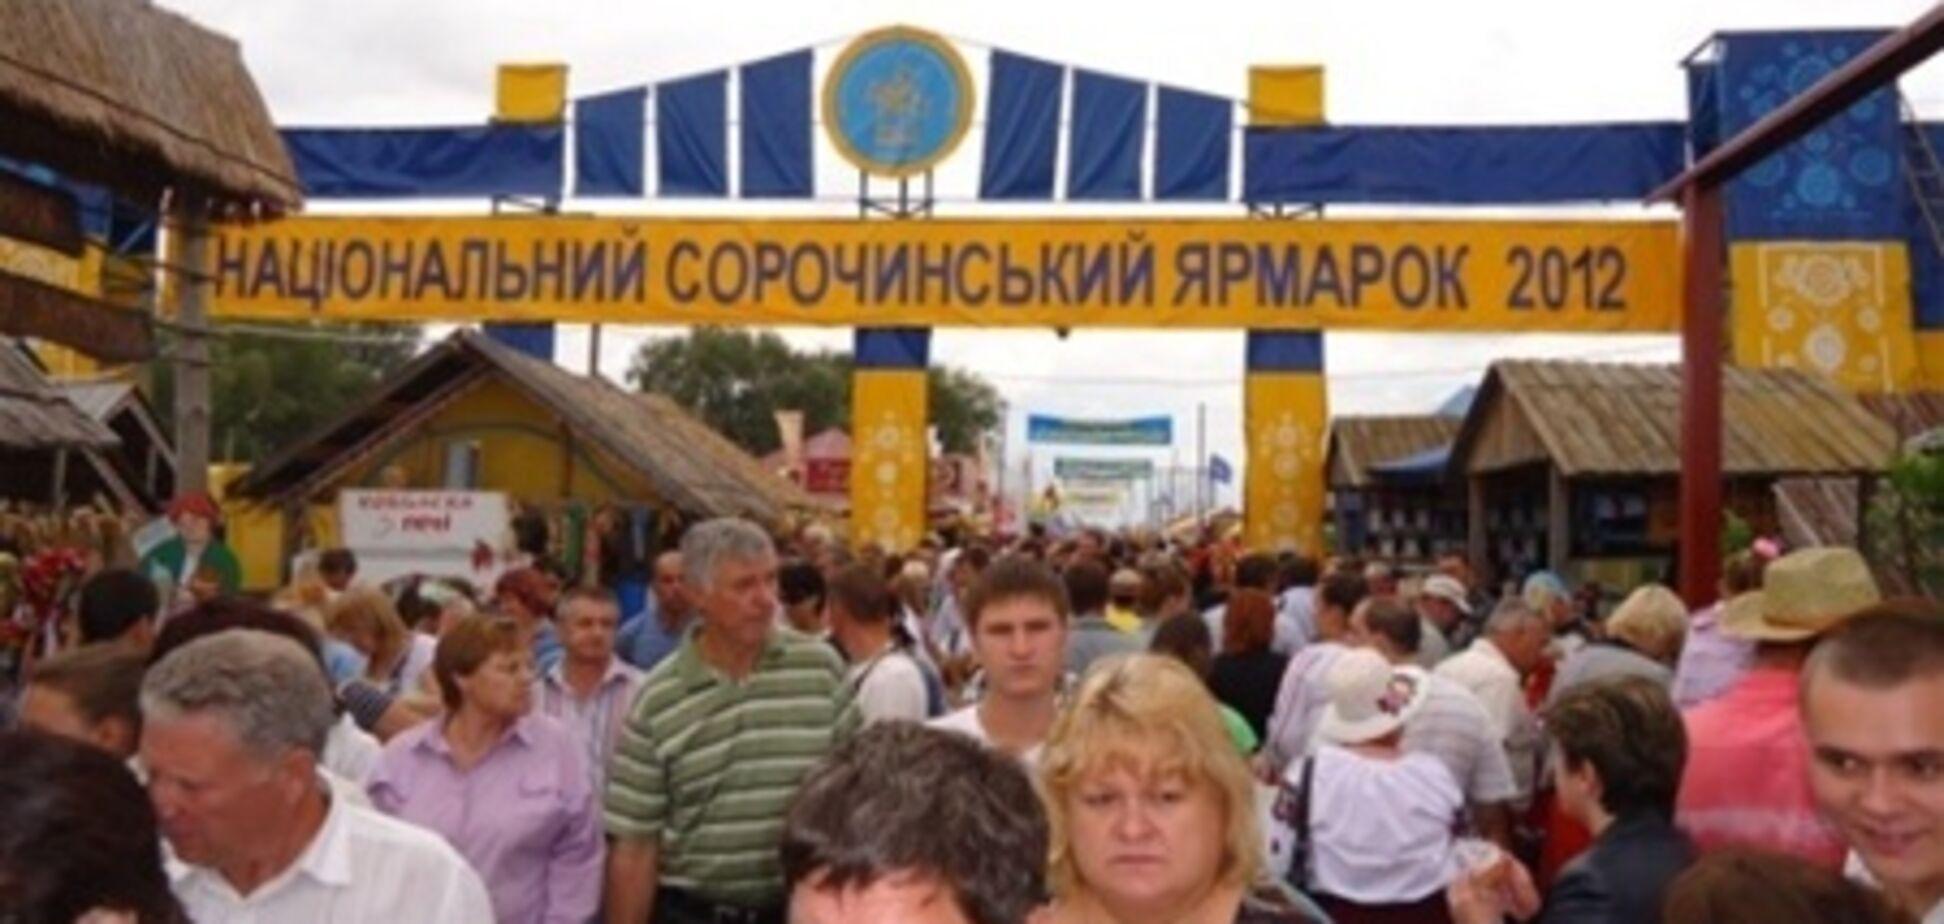 Азаров з'їздив на ярмарок за шапкою і лаптями